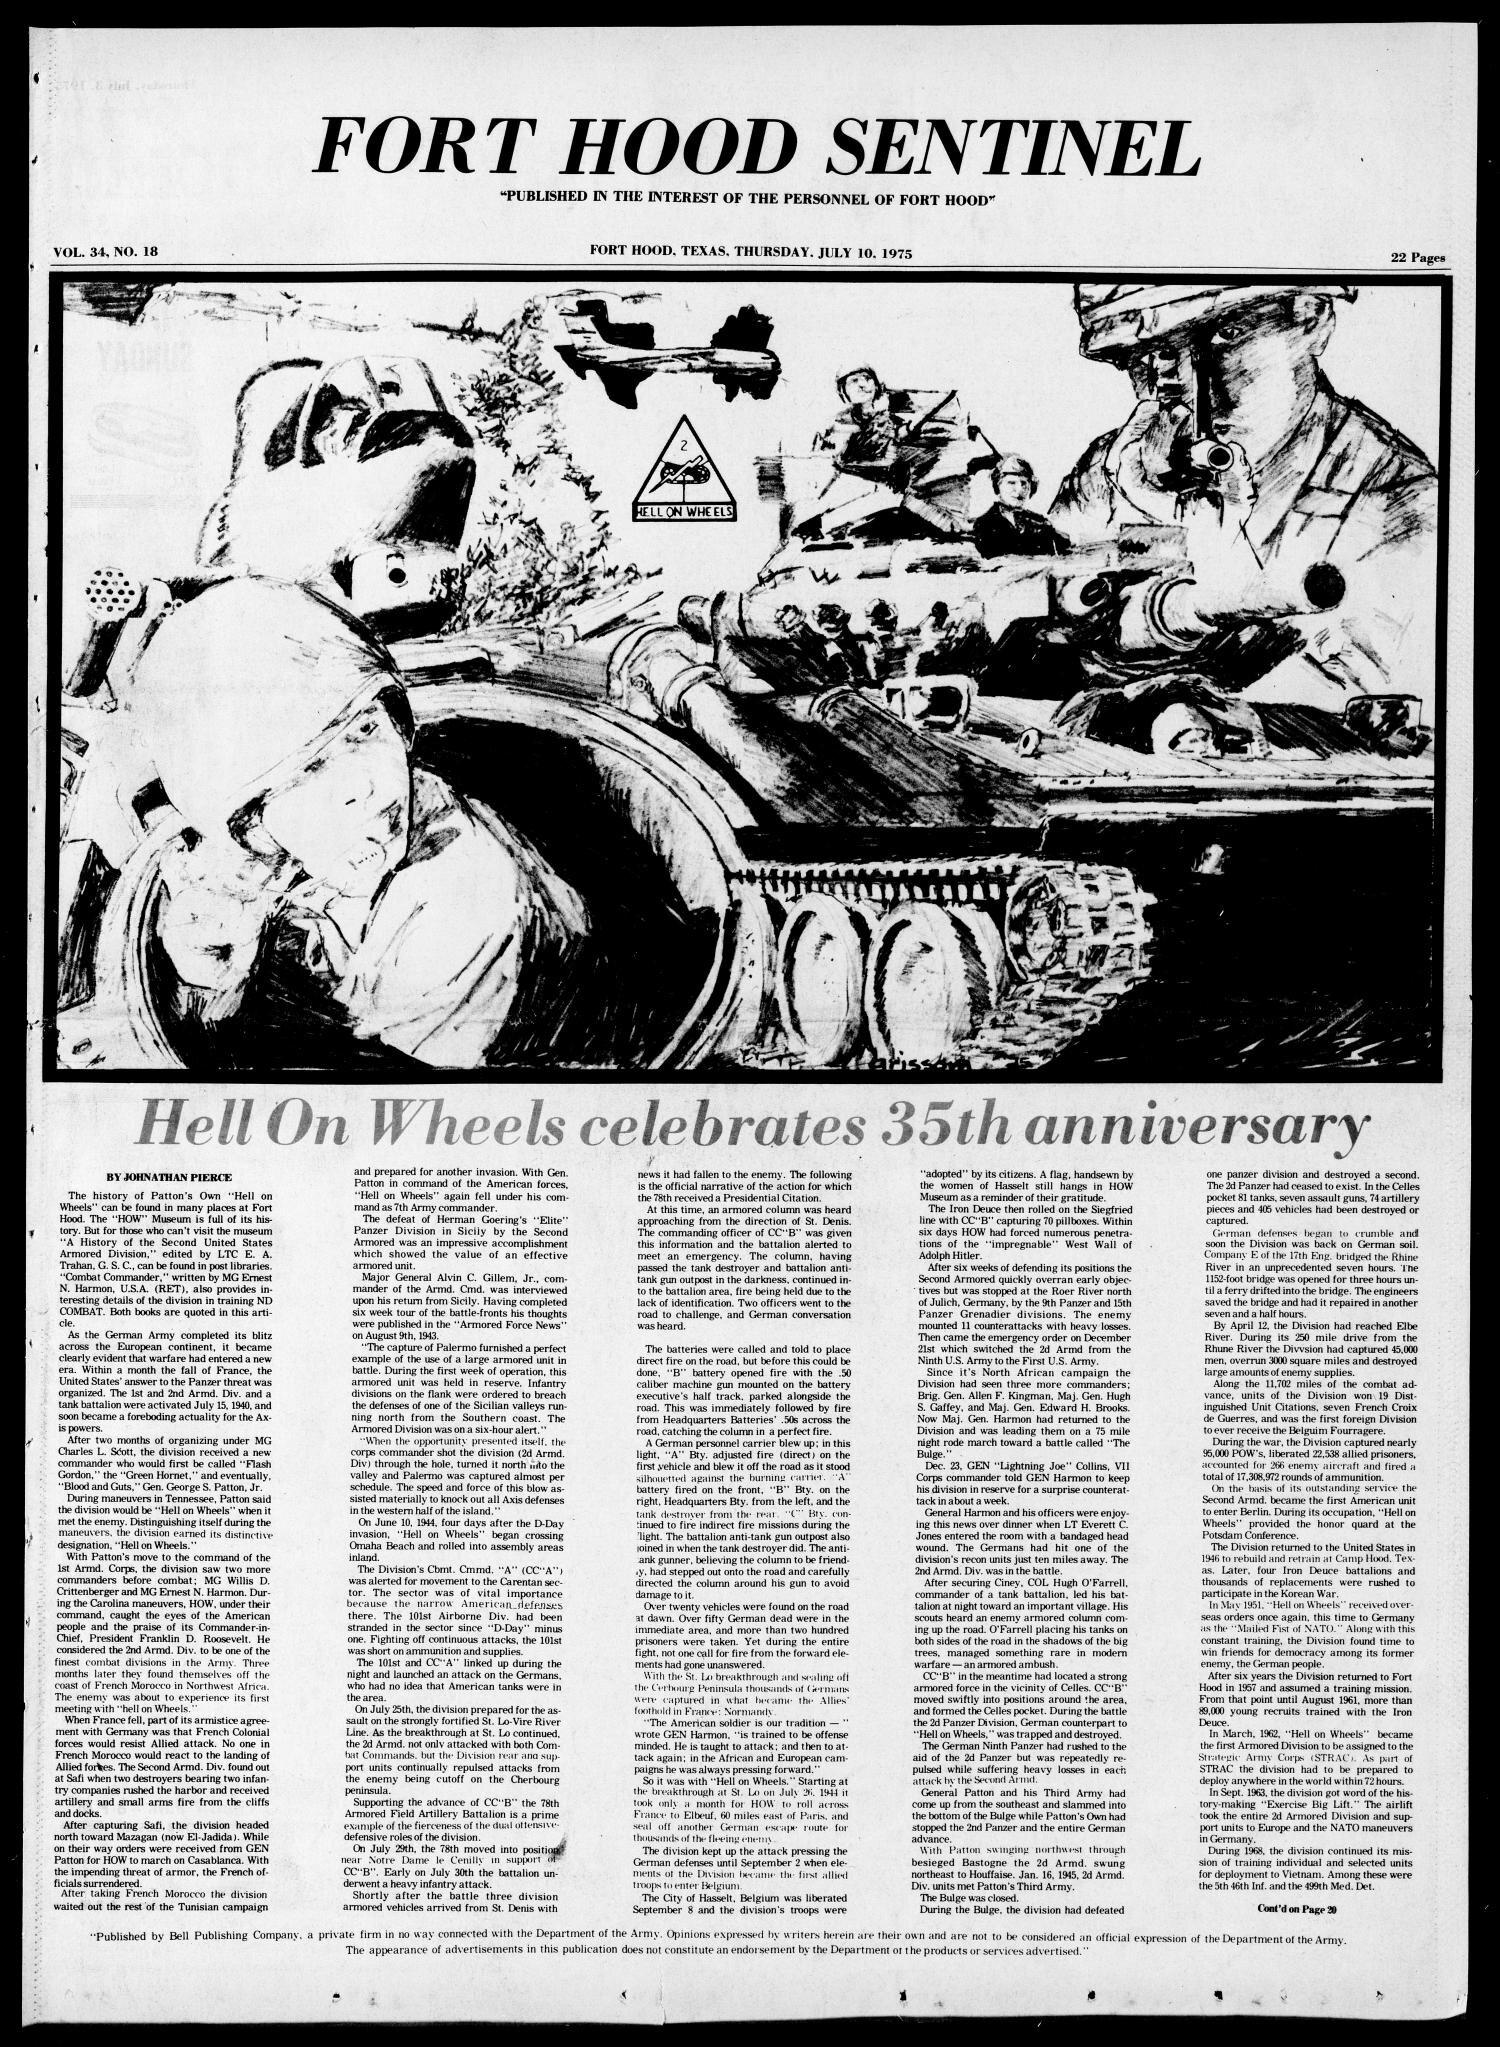 FT. HOOD SENTINEL_10 JUL 1975_PG 1.jpg